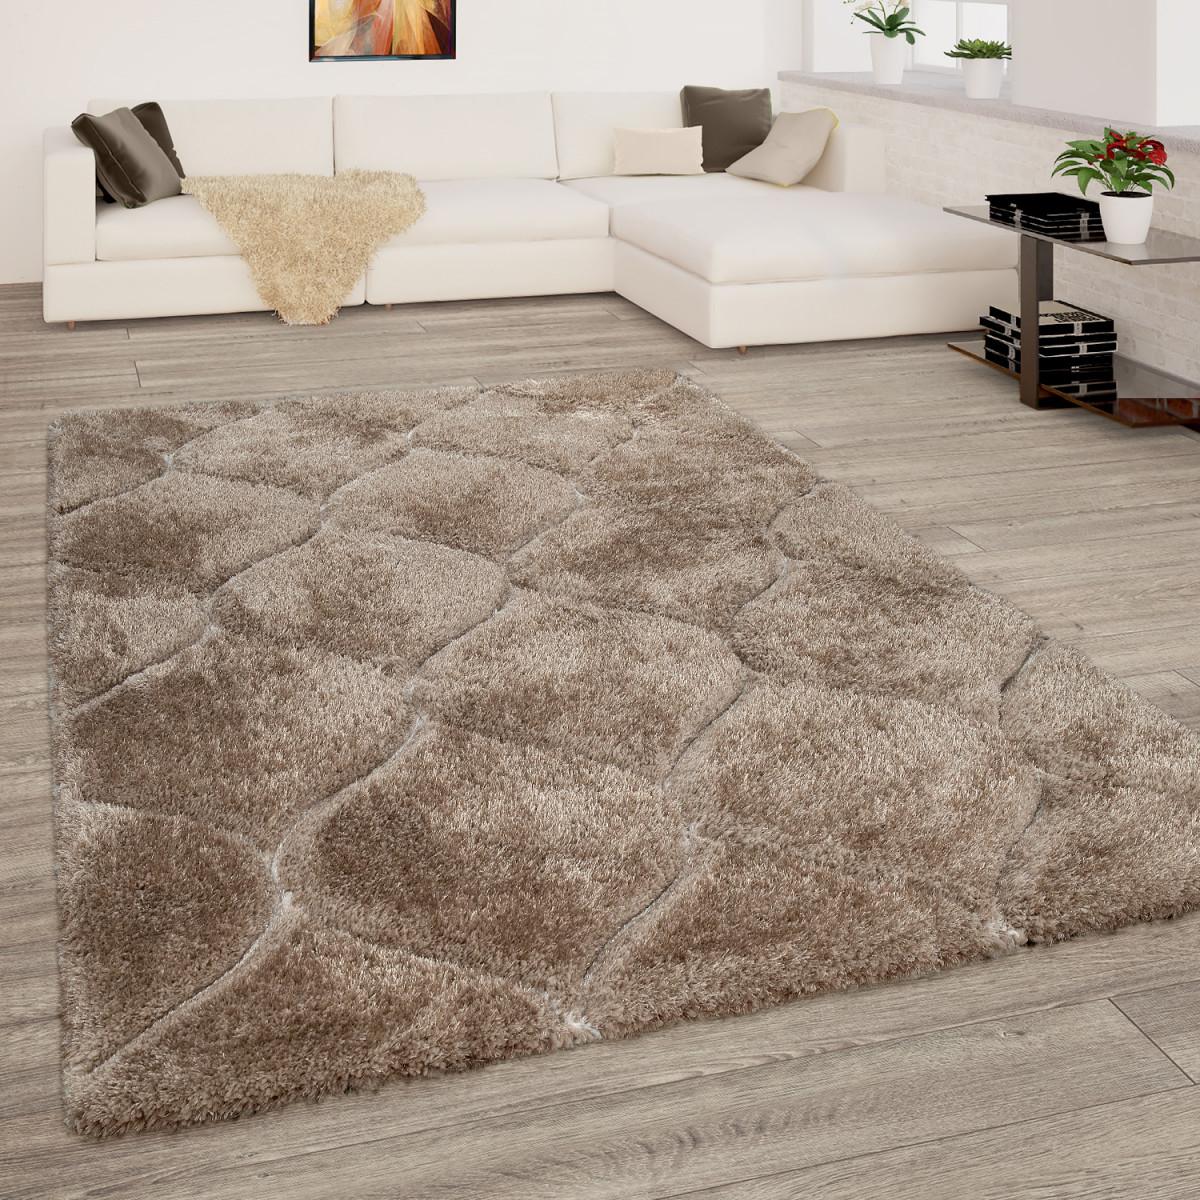 Teppich Wohnzimmer Beige Braun Hochflor Shaggy Weich Flauschig 3D Wellen  Muster von Teppich Wohnzimmer Beige Bild